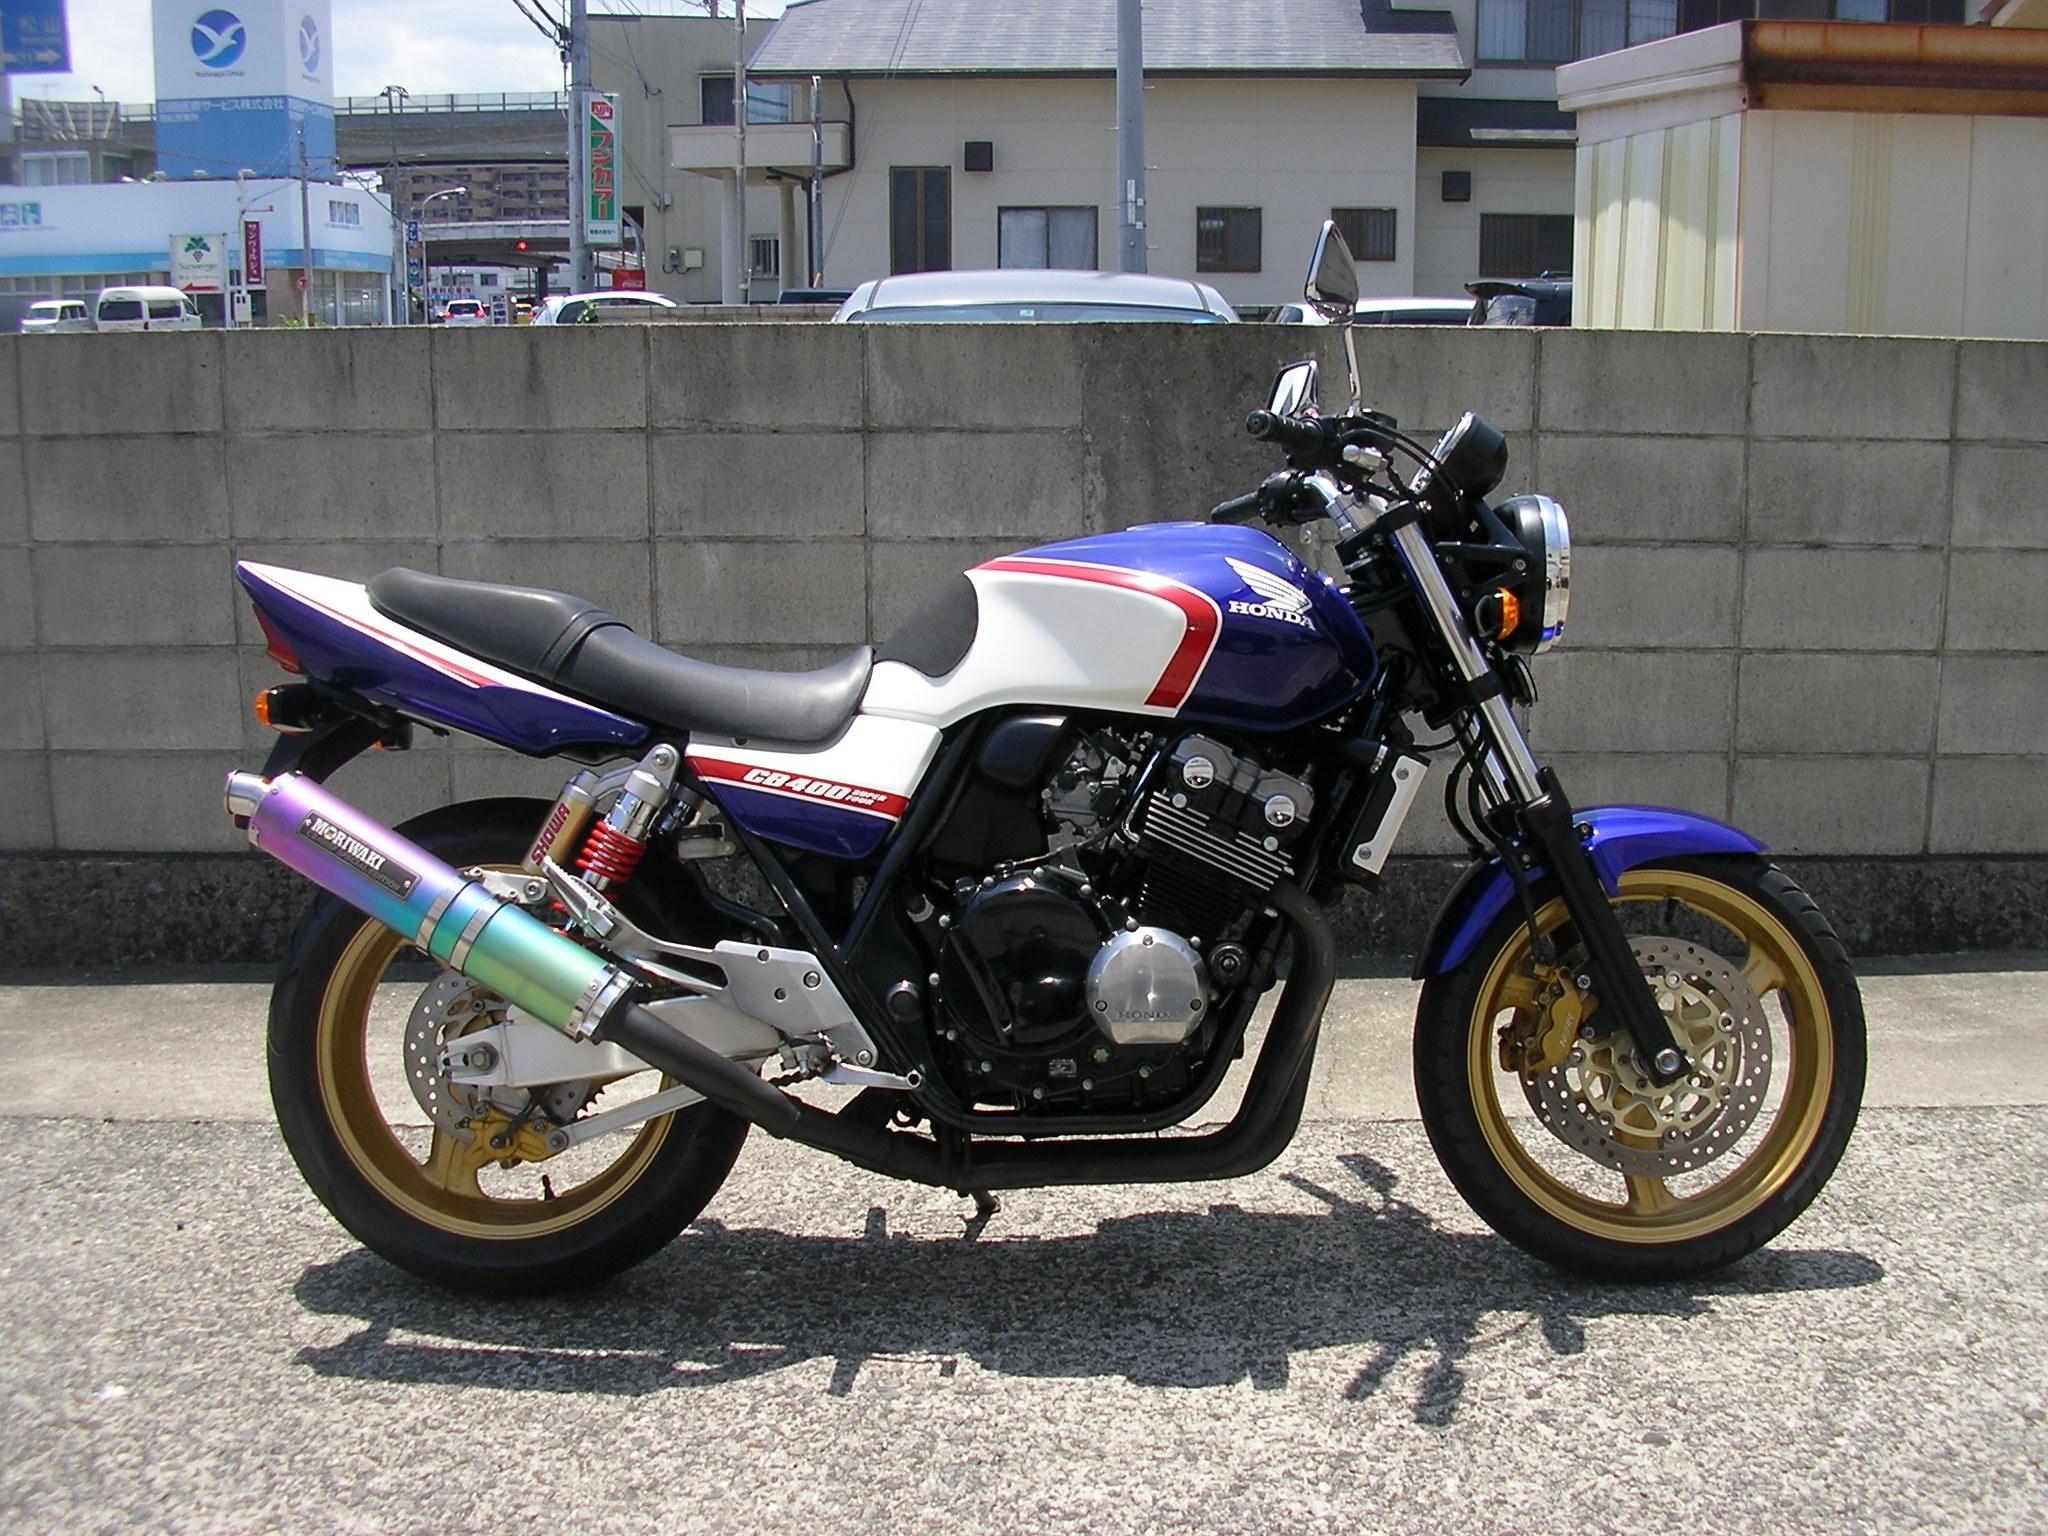 CB400SF VTEC2 (FC-000) - 【公式】レンタルバイクのベストBike® 松山空港